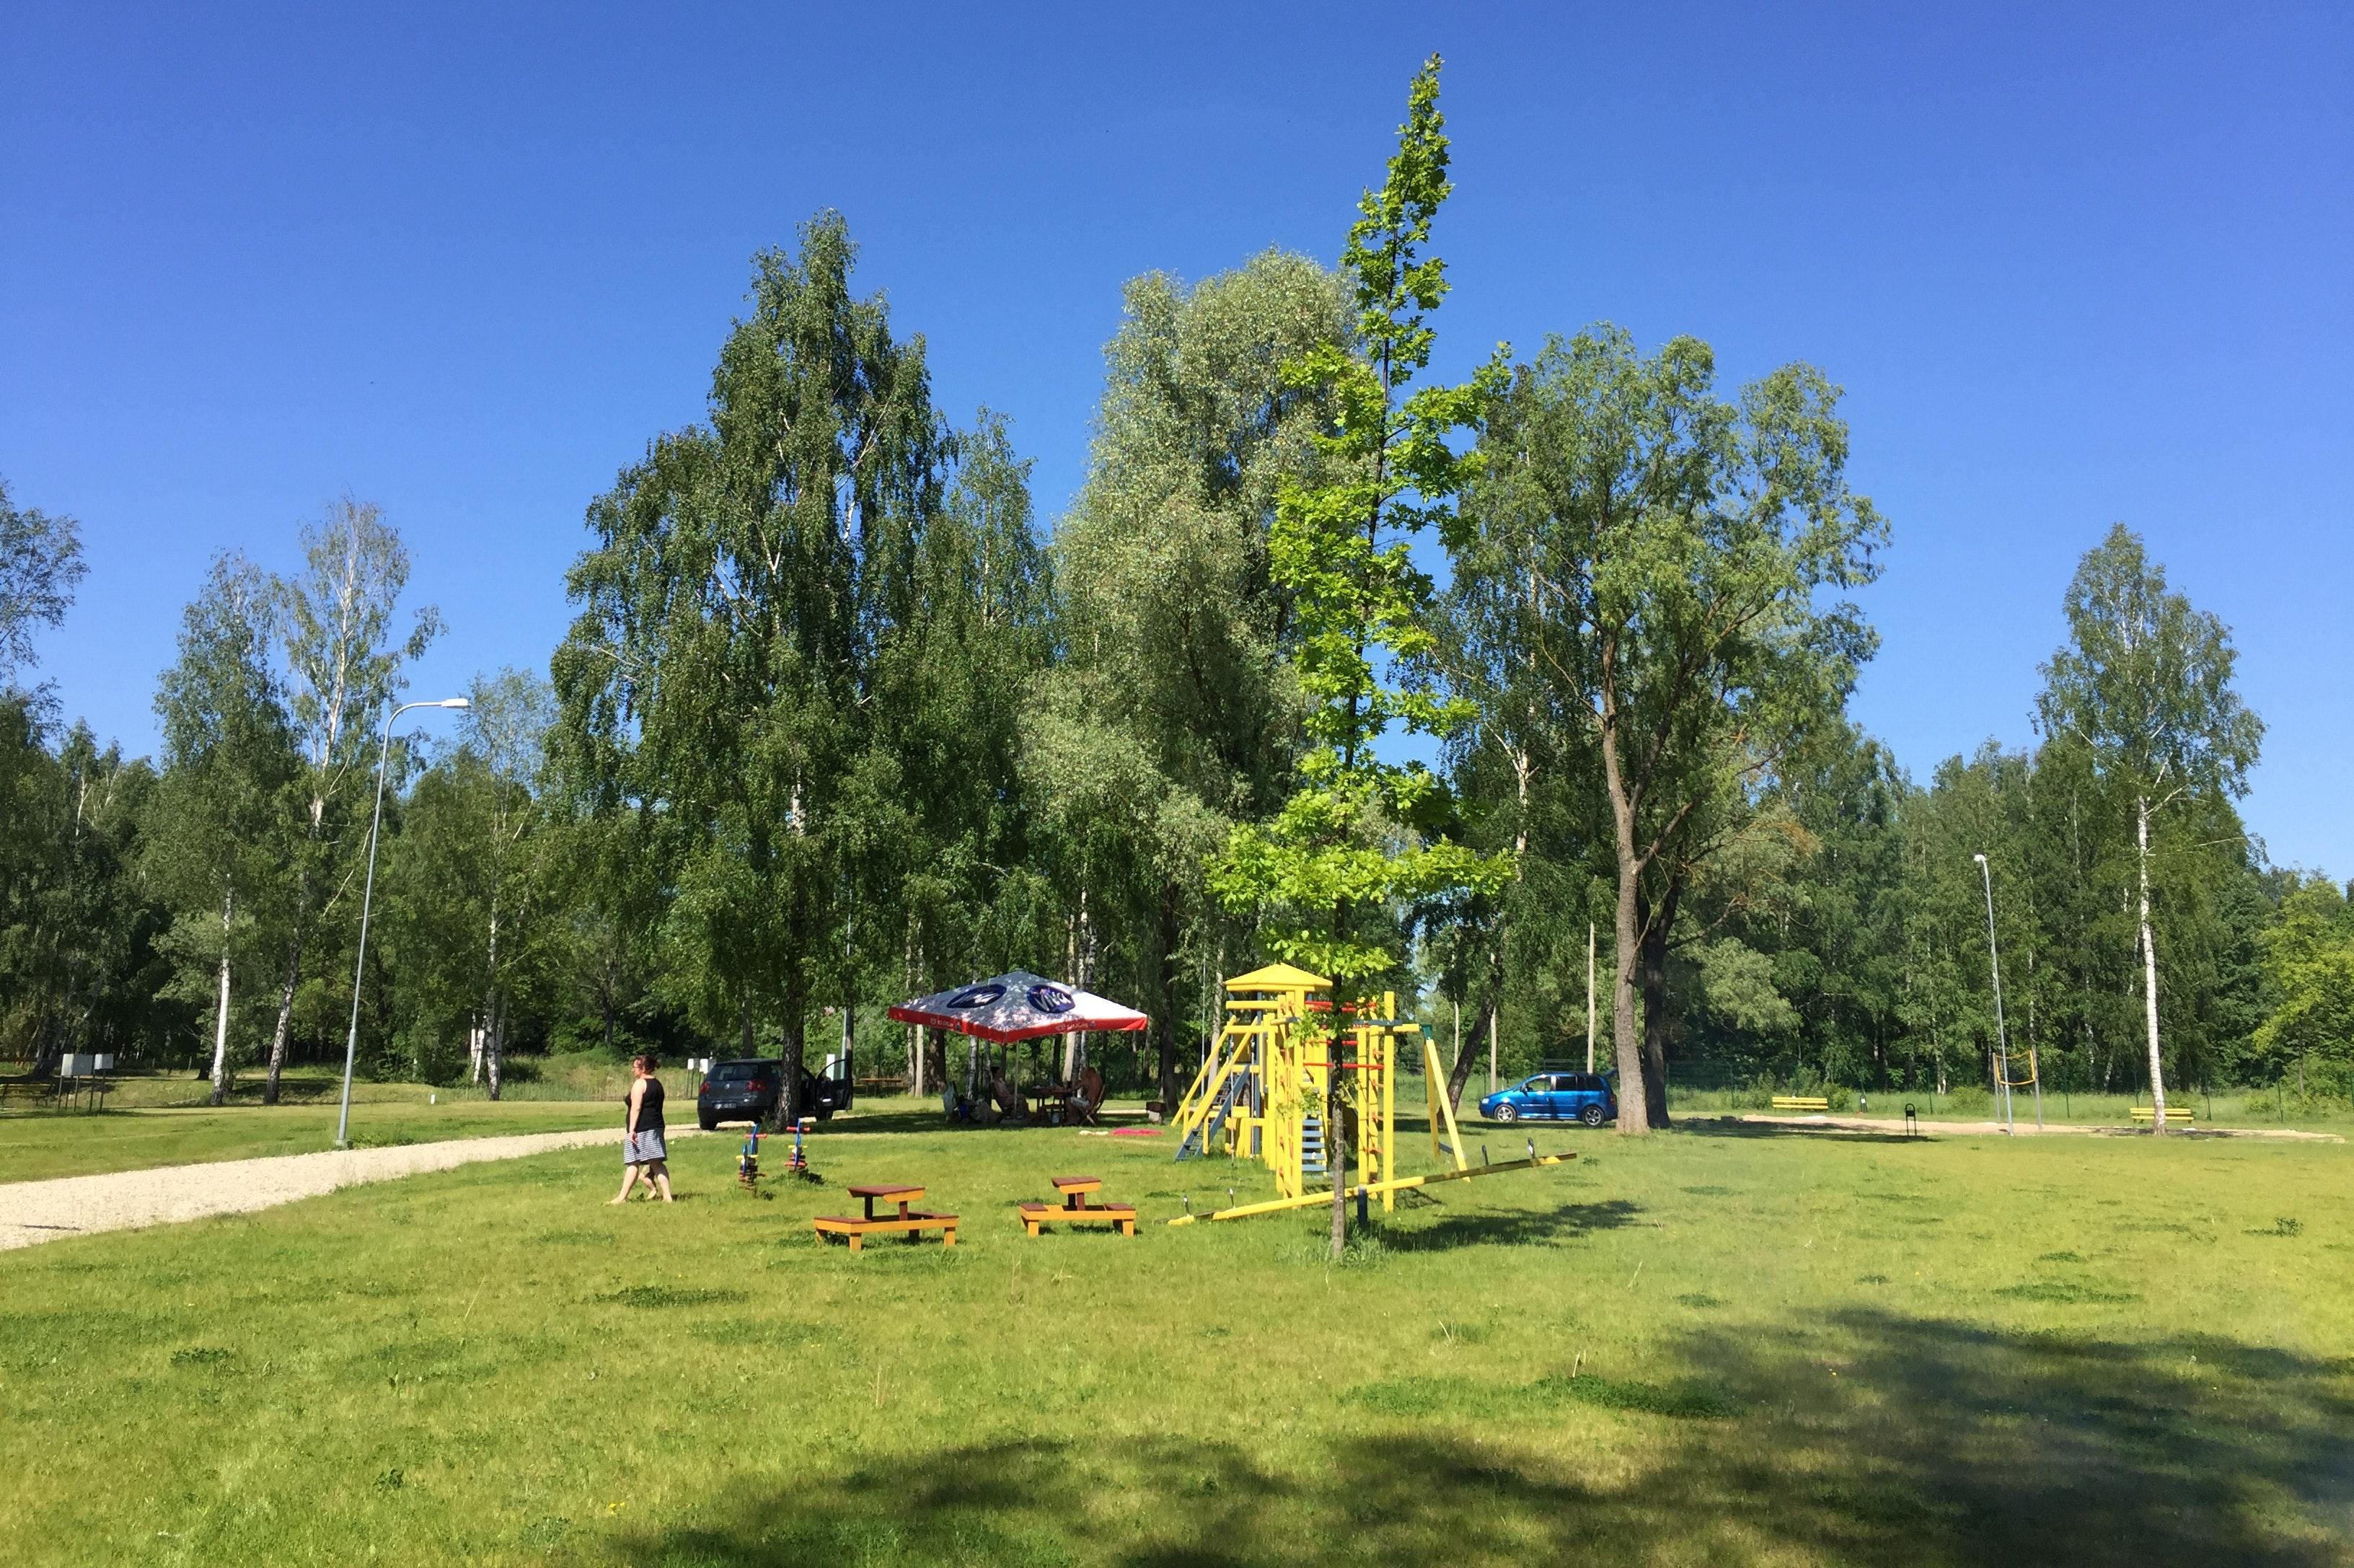 Klettergerüst Russisch : Camping in litauen. finde die top campingplätze pincamp by adac